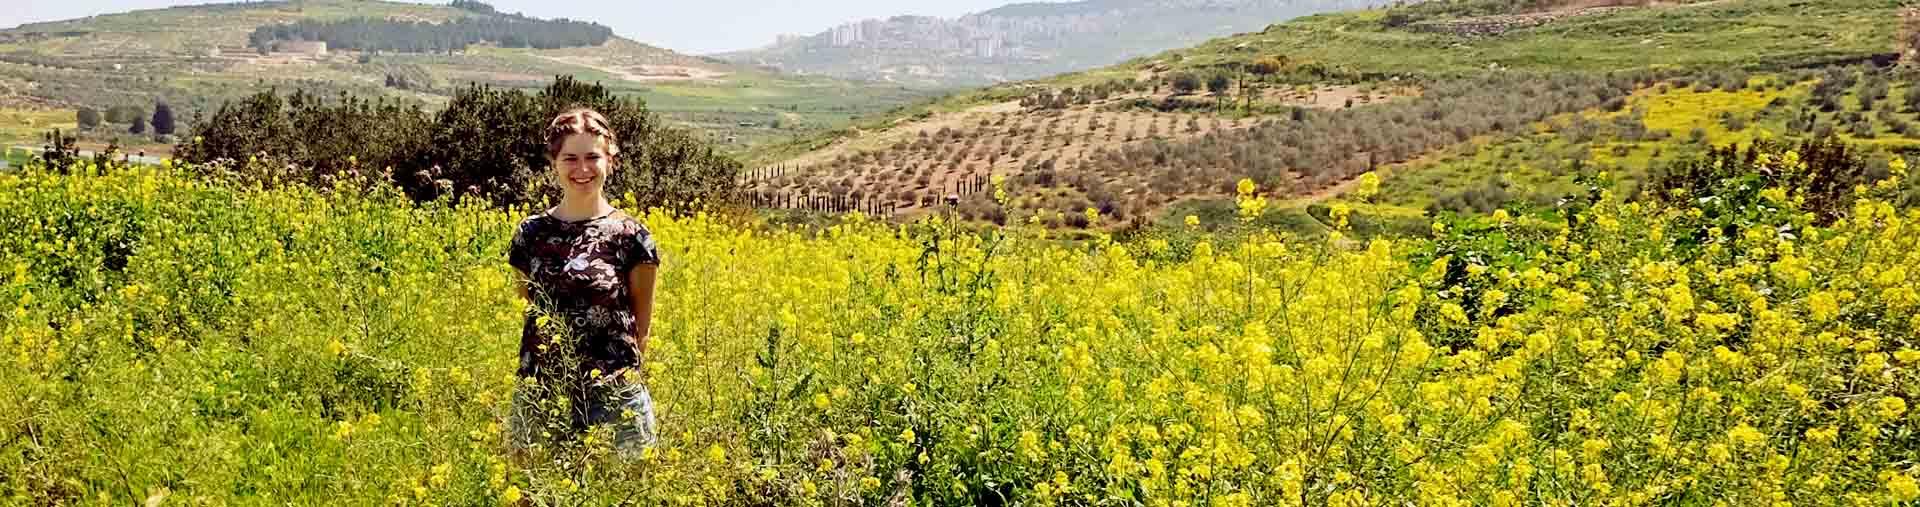 Jesus Trail from Jerusalem